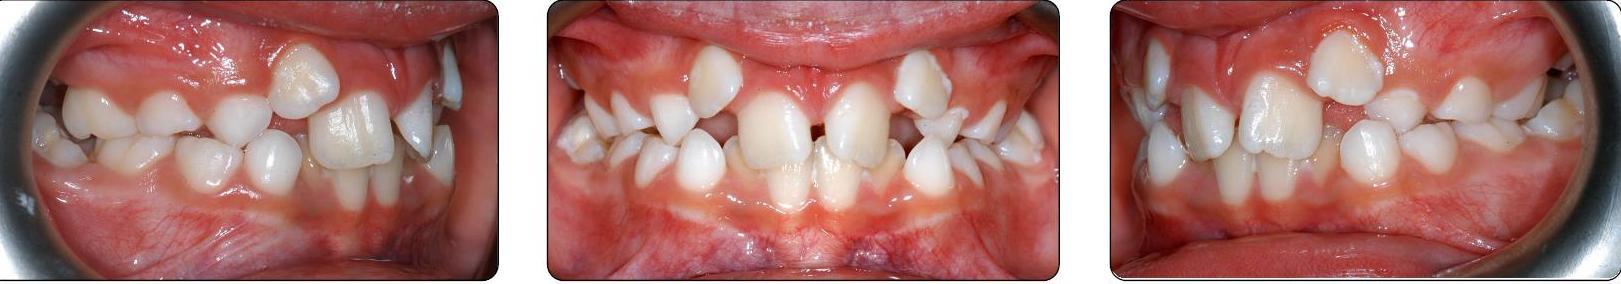 teeth before Phase I